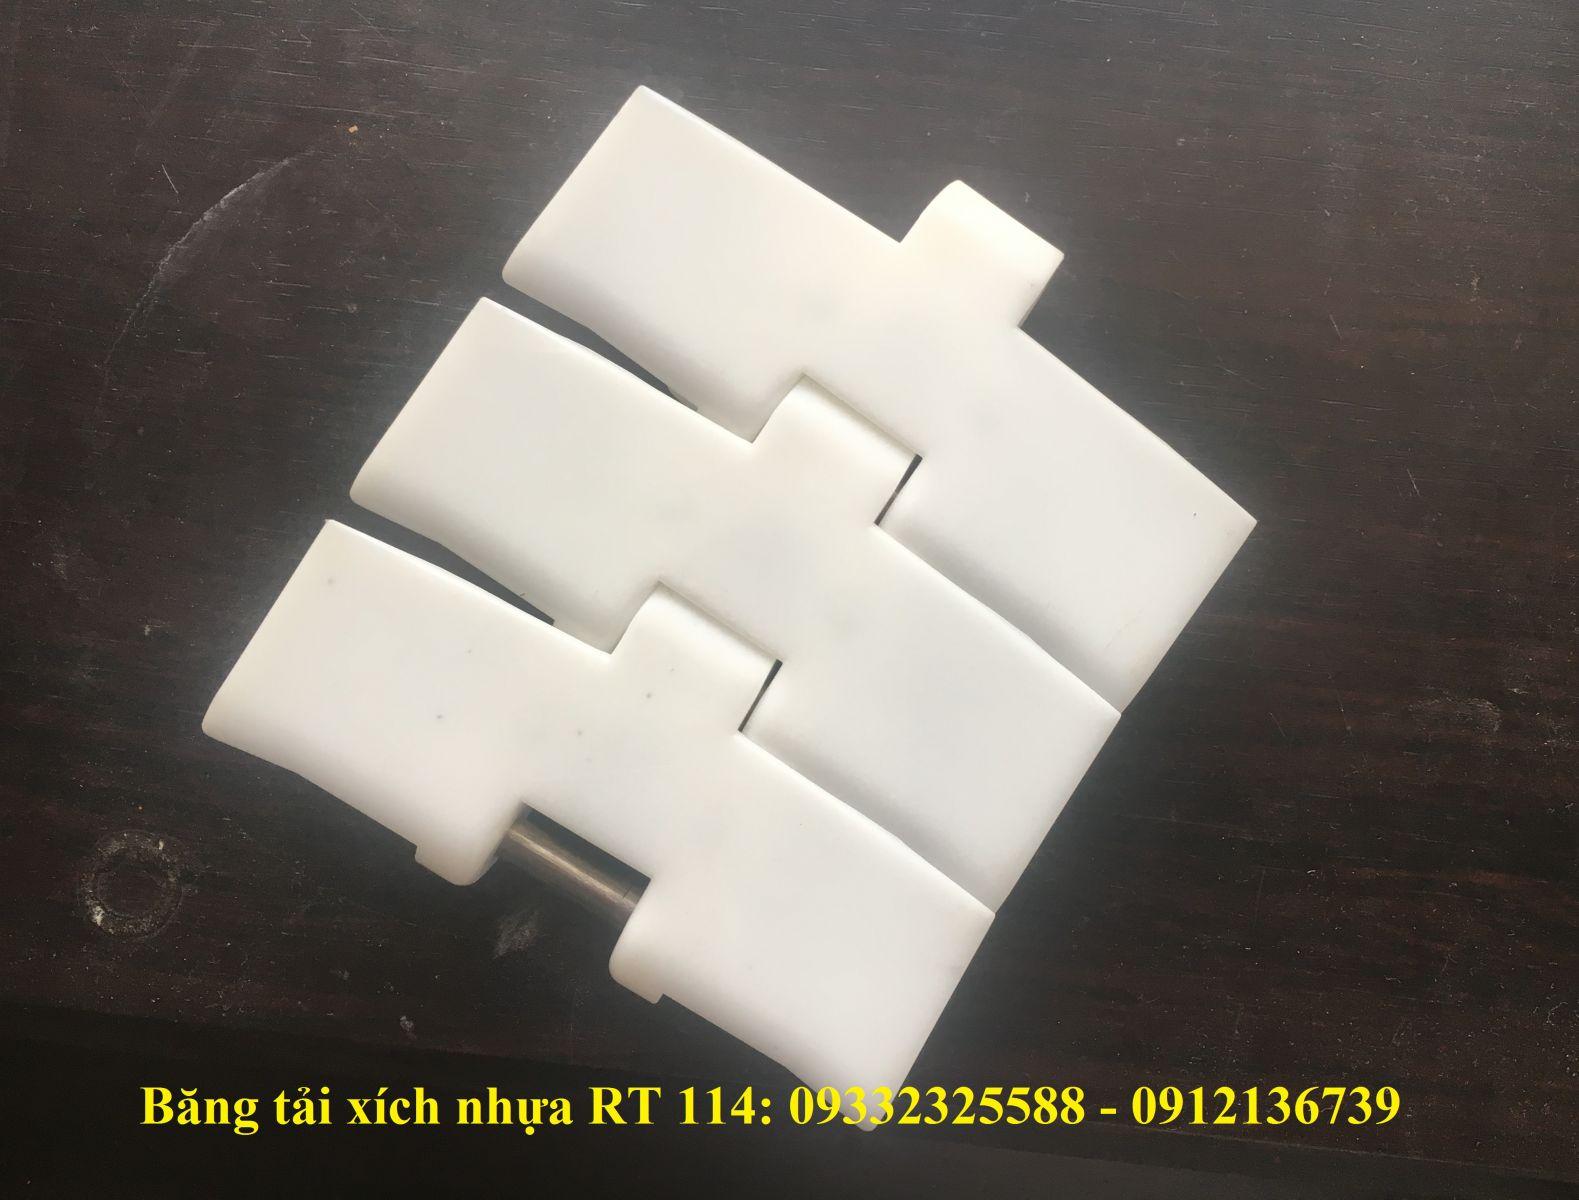 bang-tai-xich-nhua-RT-114